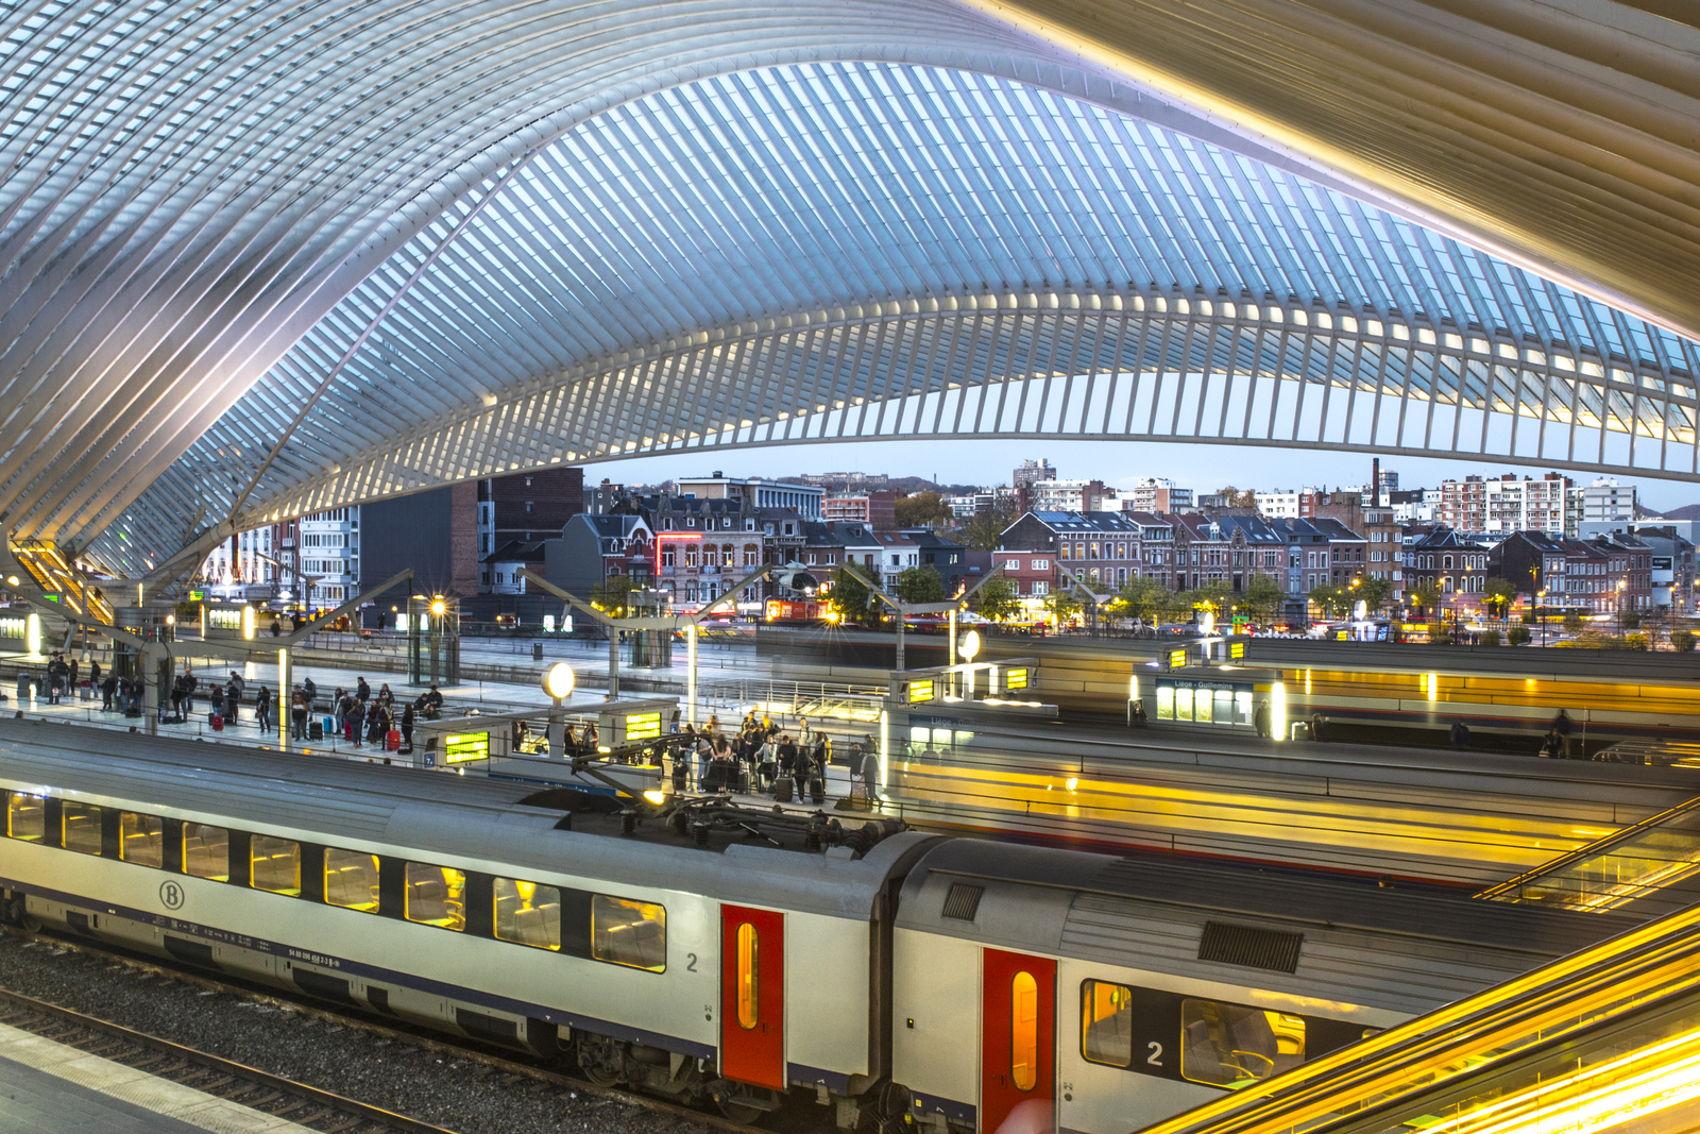 Station Luik, waar straks de Drielandentrein tussen Aachen, Maastricht en Luik, ook stopt.